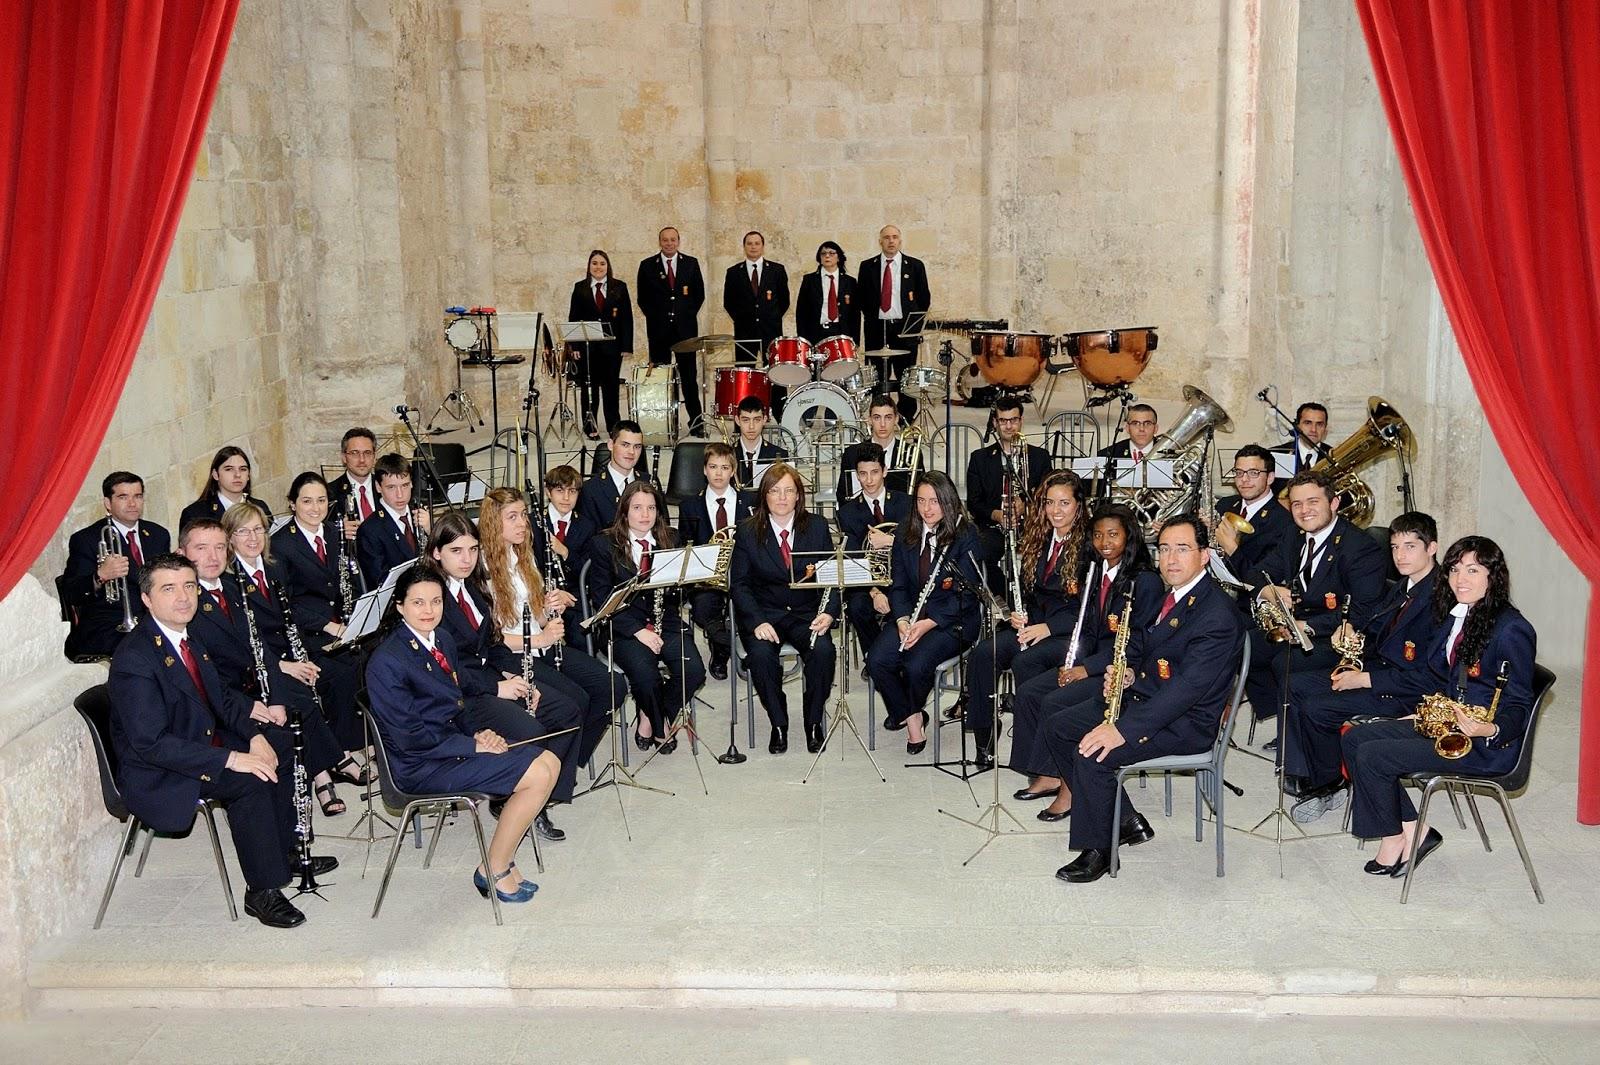 Tradicional concierto de santiago for Concierto hoy en santiago